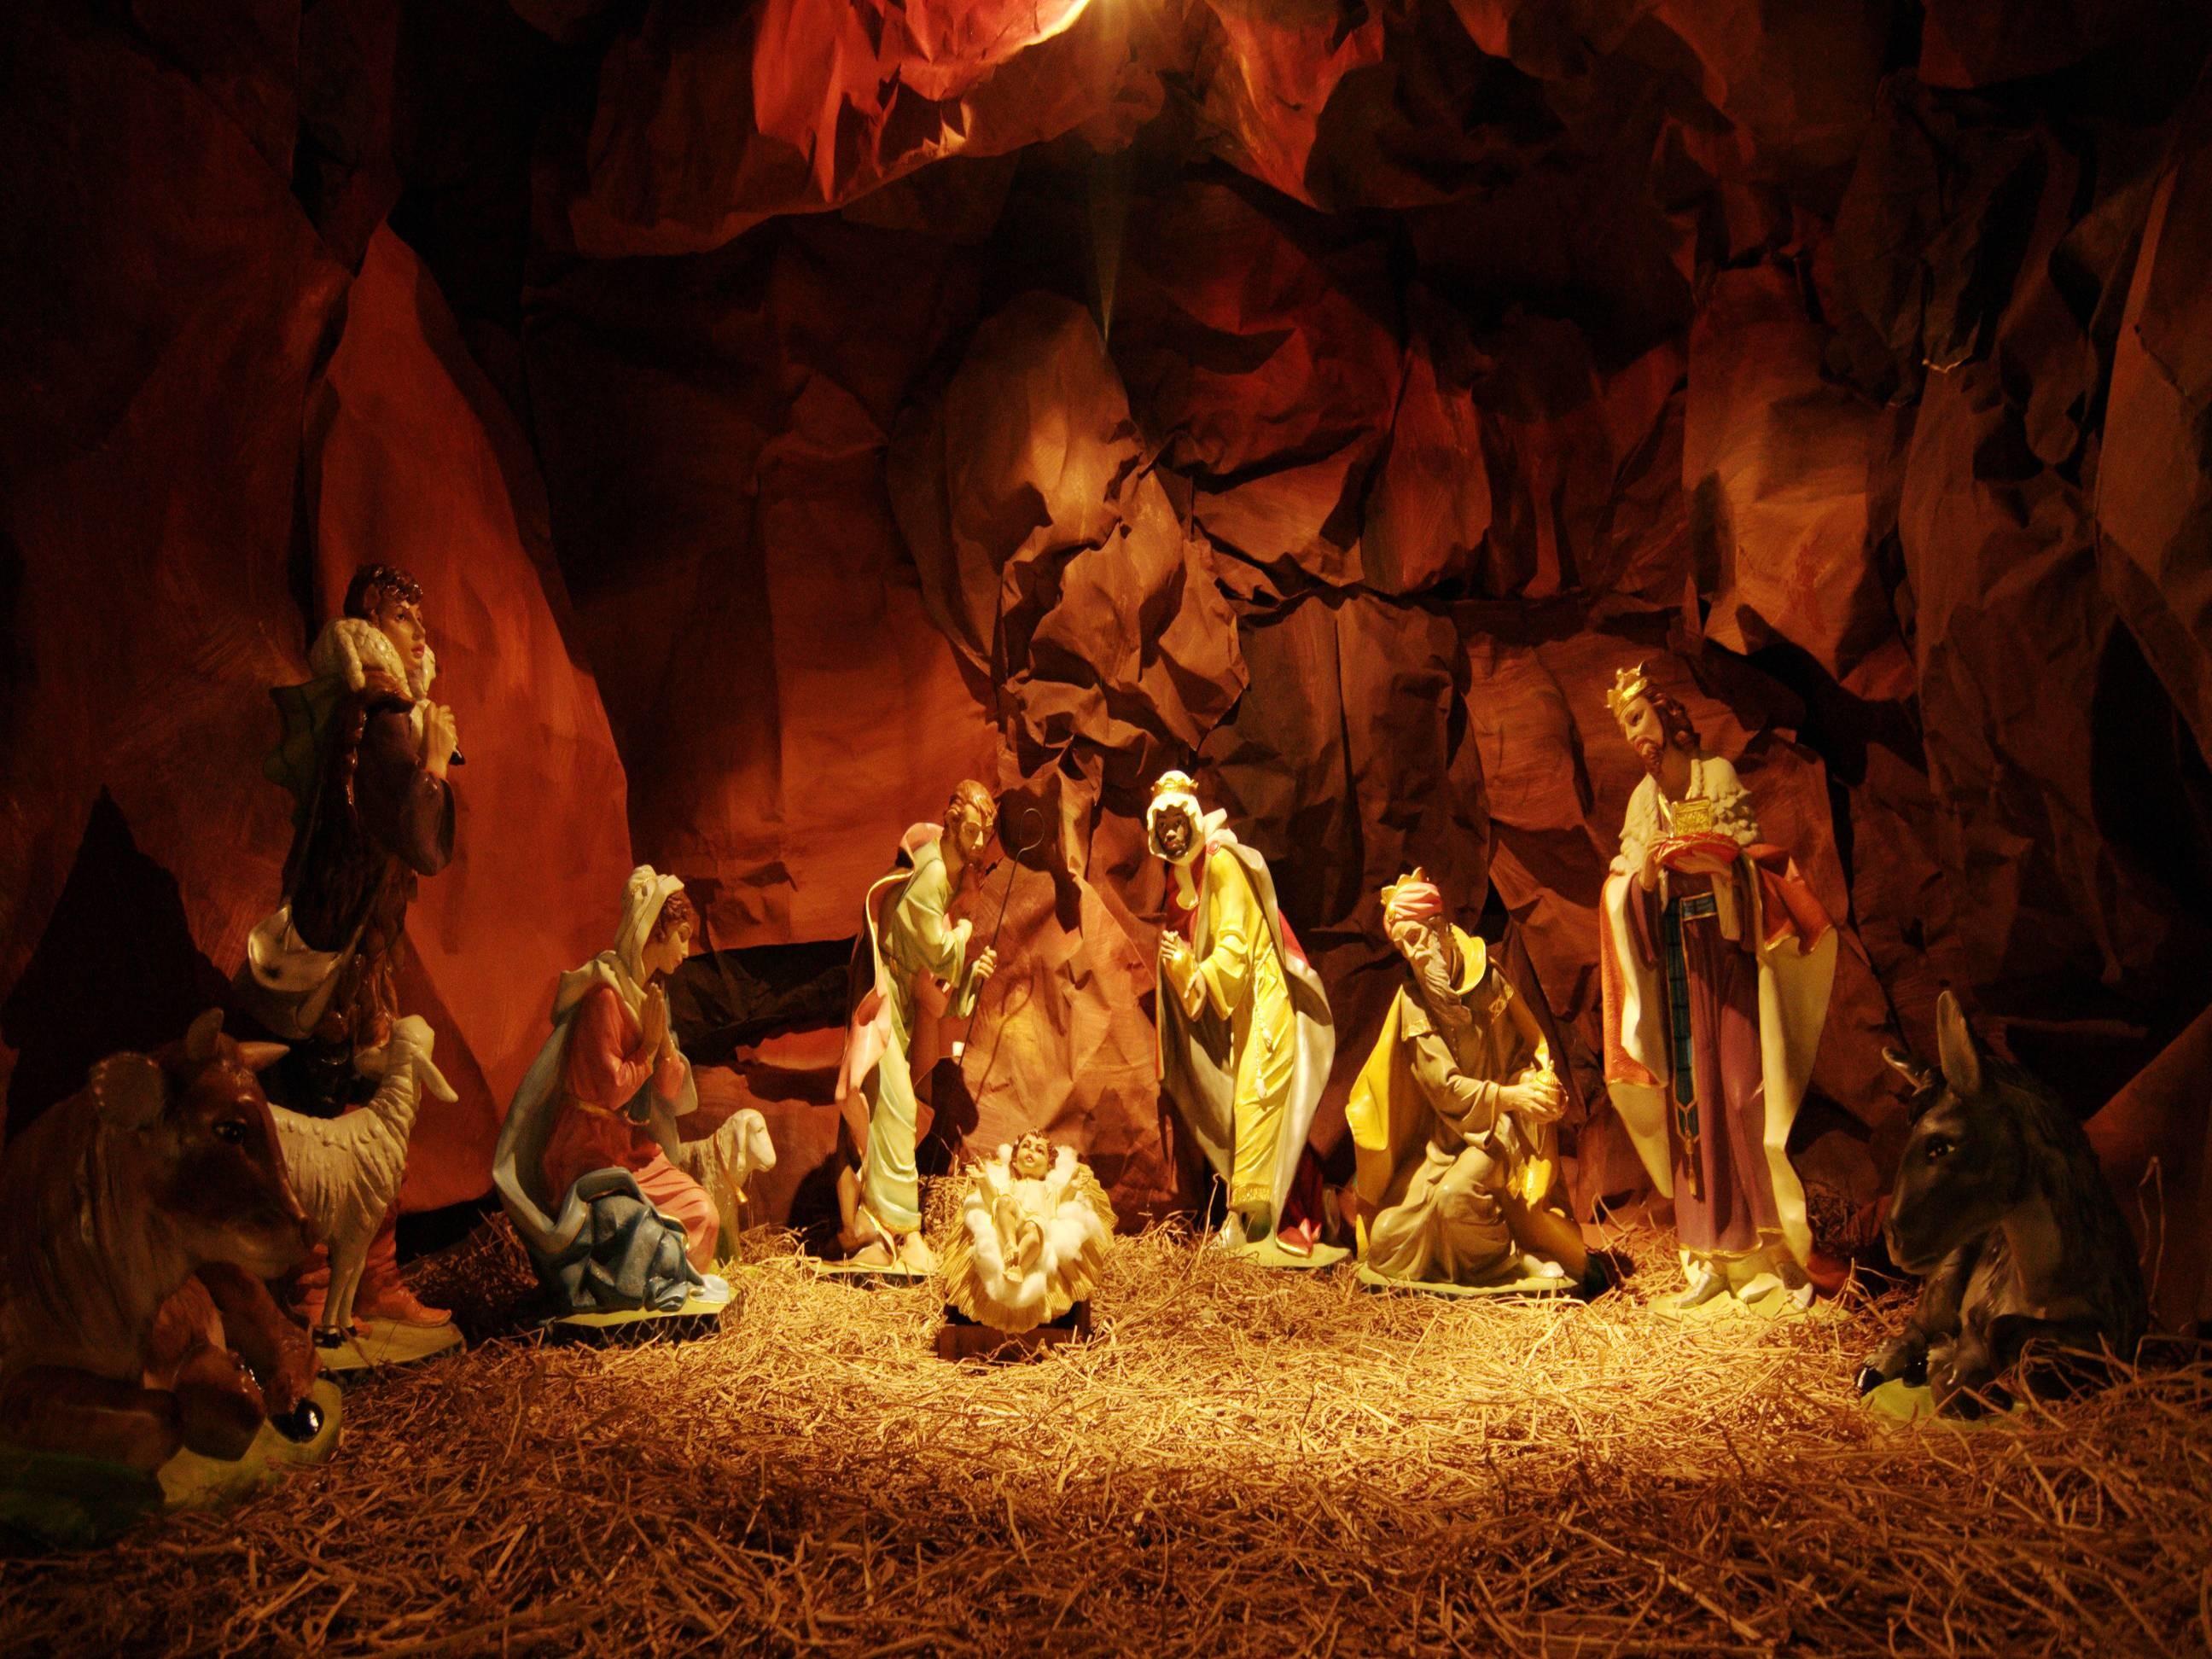 download nativity scene wallpaper – www.